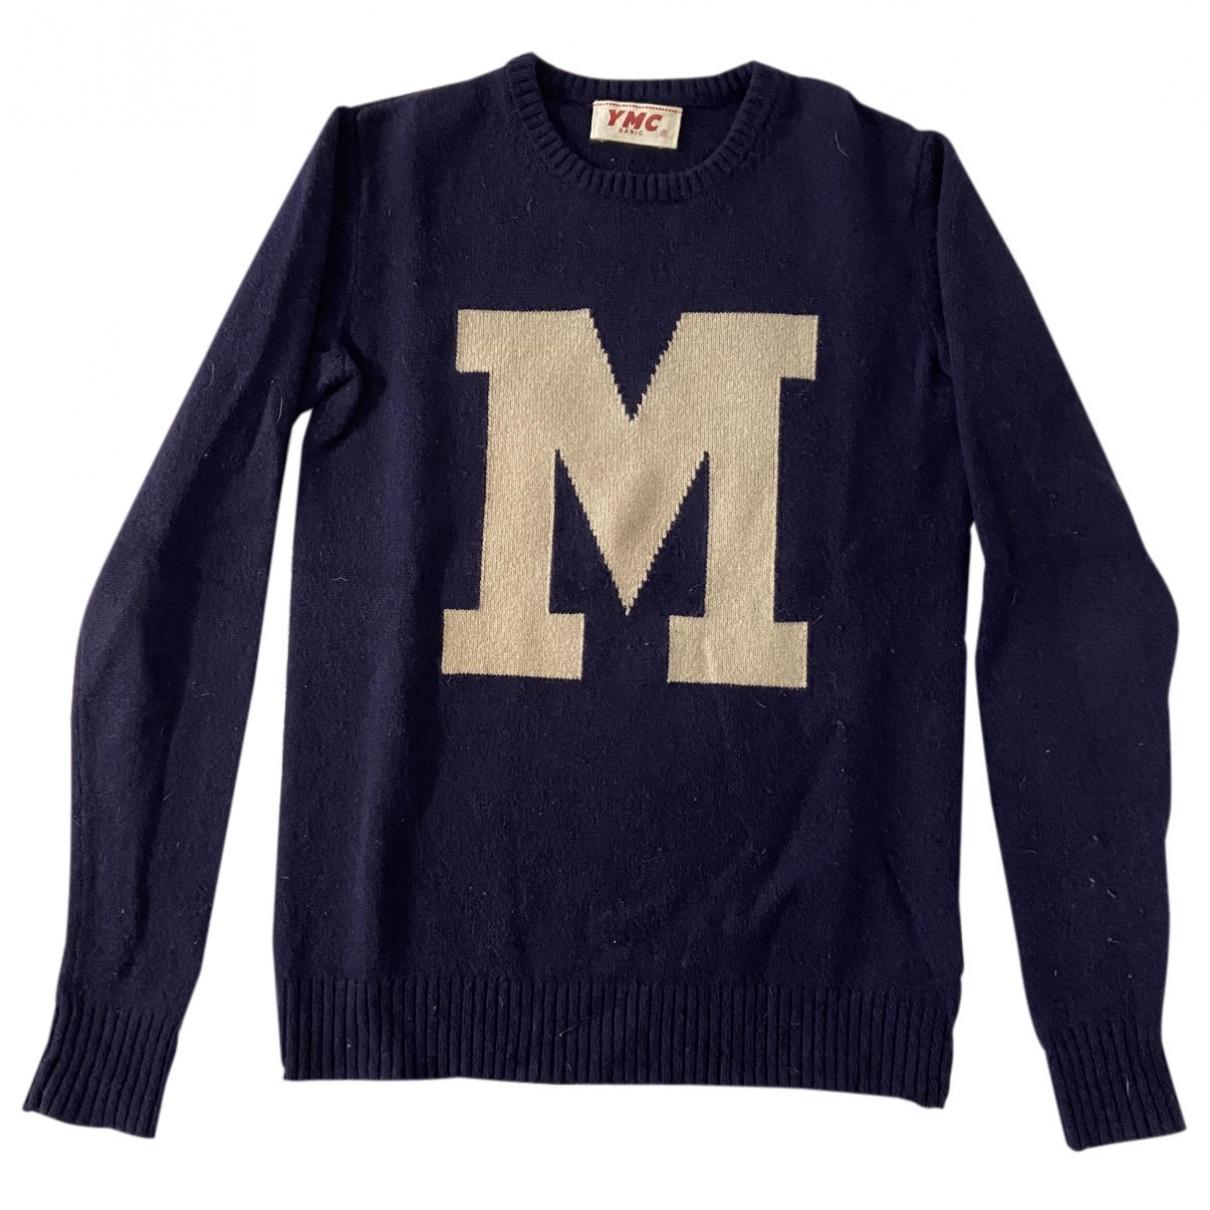 Ymc \N Navy Wool Knitwear & Sweatshirts for Men S International